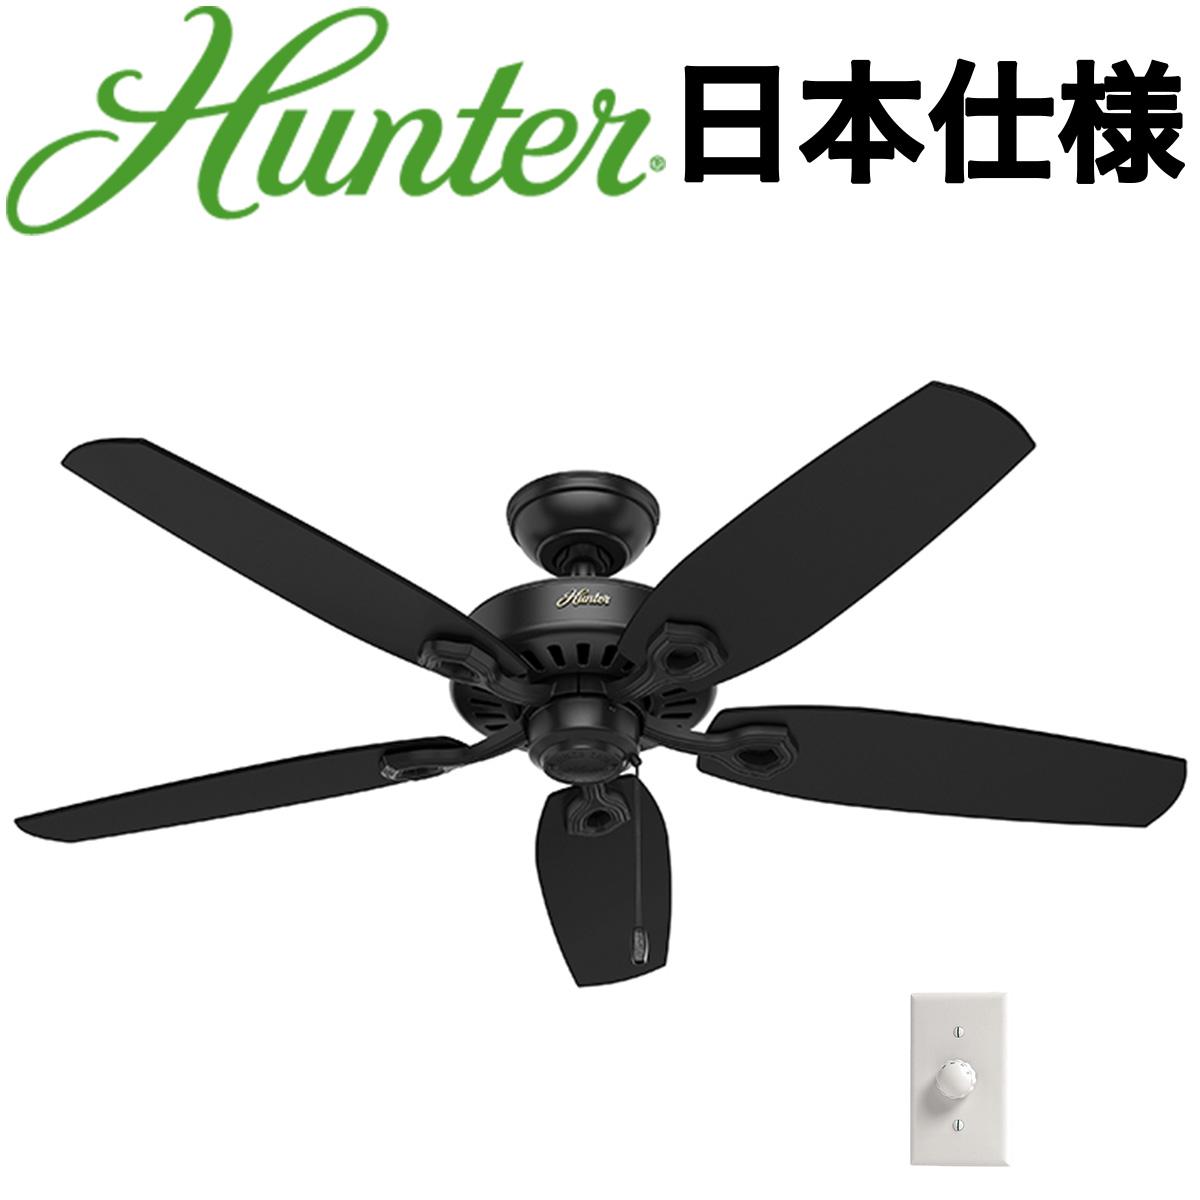 Hunter ハンター シーリングファン ビルダーエリート マットブラック 53243 傾斜天井 吹き抜け おしゃれ かっこいい 送料無料